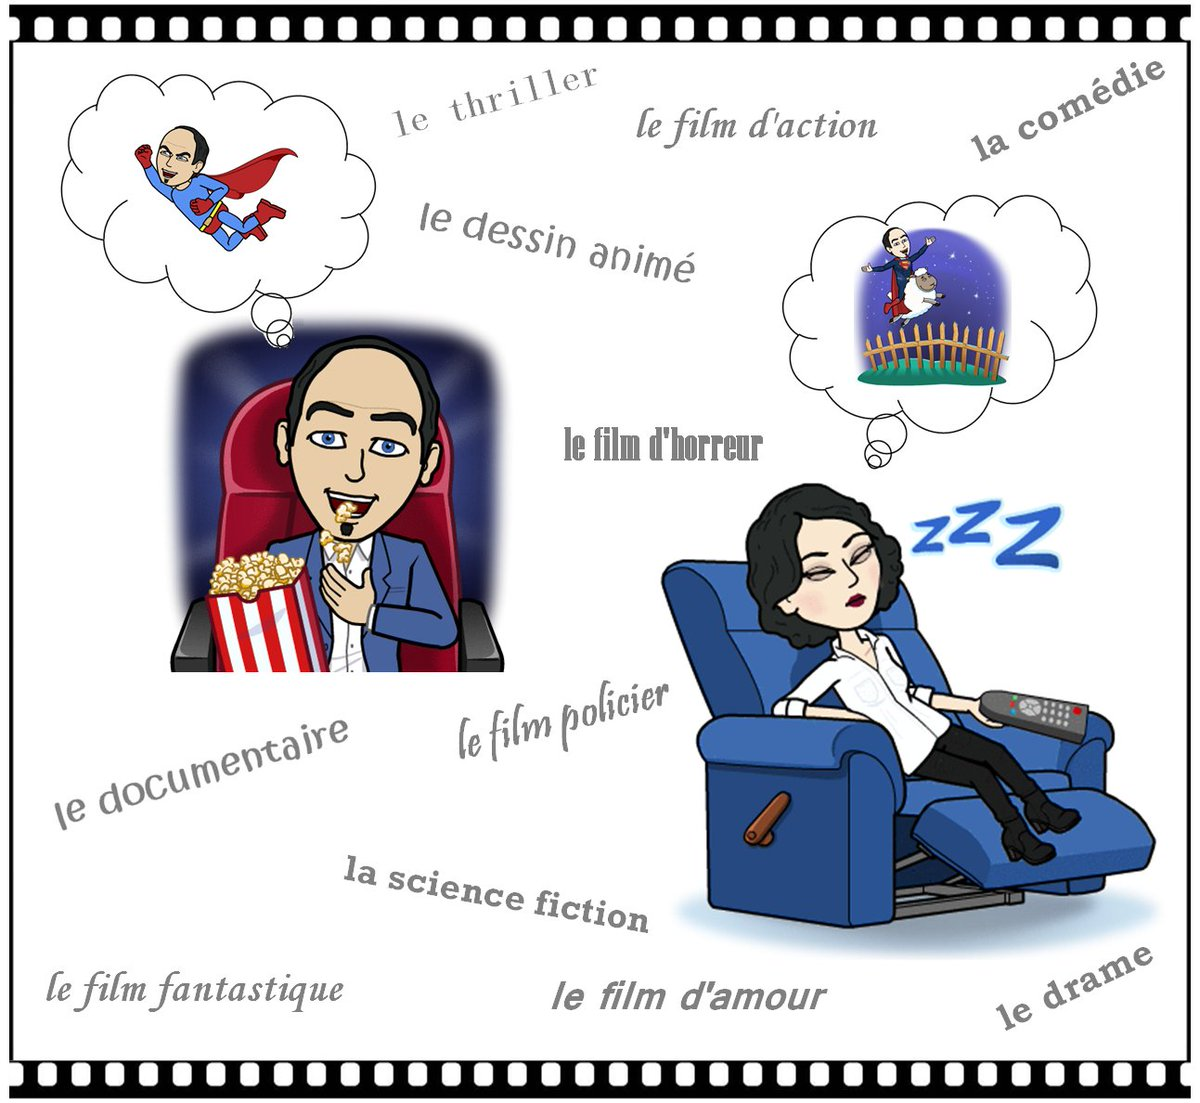 Quels sont vos genres de films préférés et pourquoi ? Et d&#39;autres que vous n&#39;aimez pas ?  #learnfrench #FLE #french #cinema #Oscars <br>http://pic.twitter.com/6obp16umHb